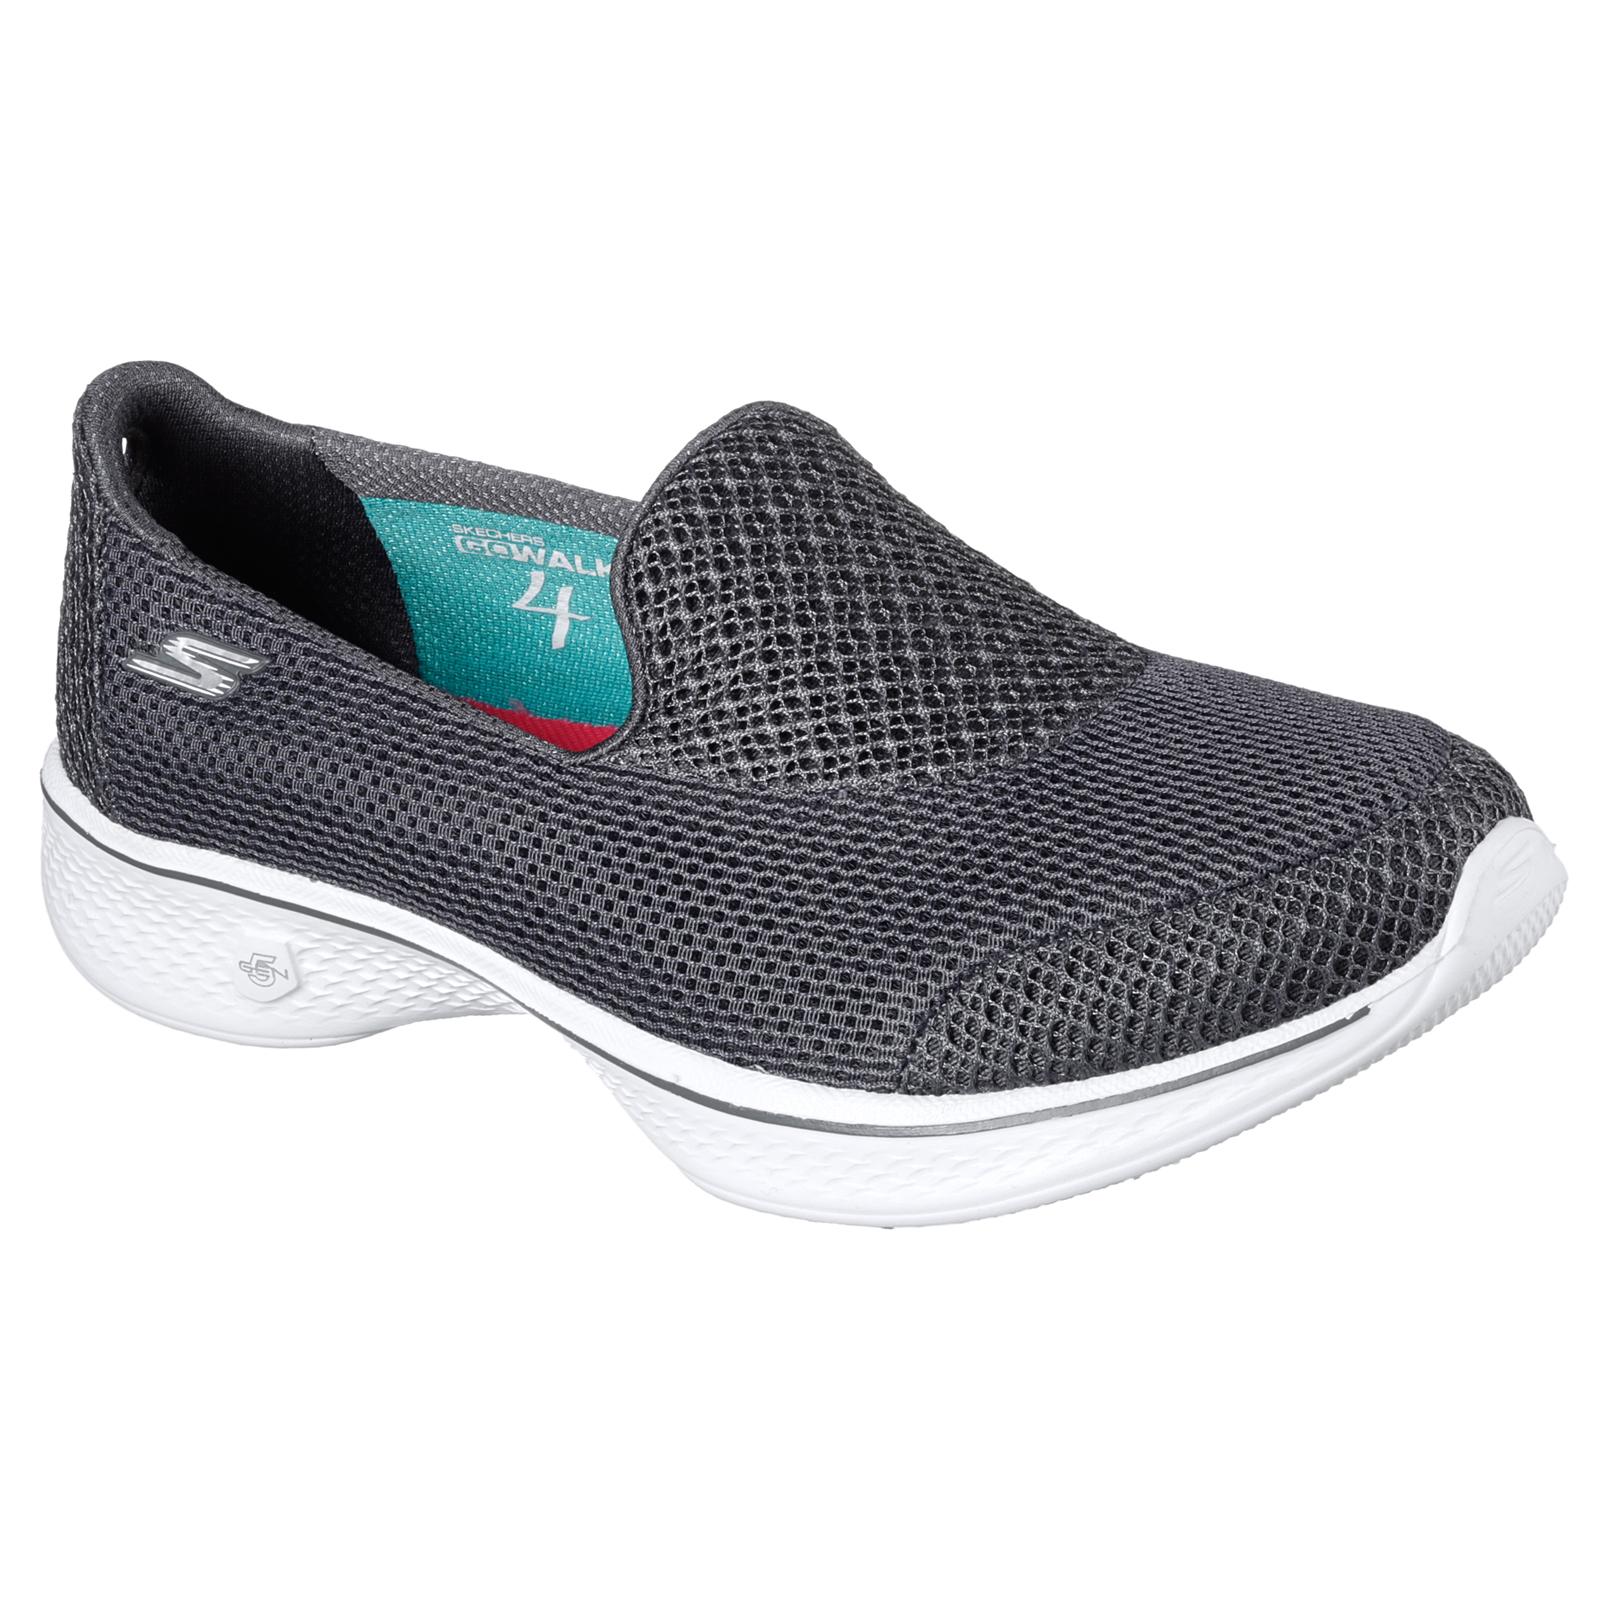 Skechers Mujer Go Go Go Walk 4 Propel Diseñador De Doble Capa de Malla Slip On entrenadores 186ea6